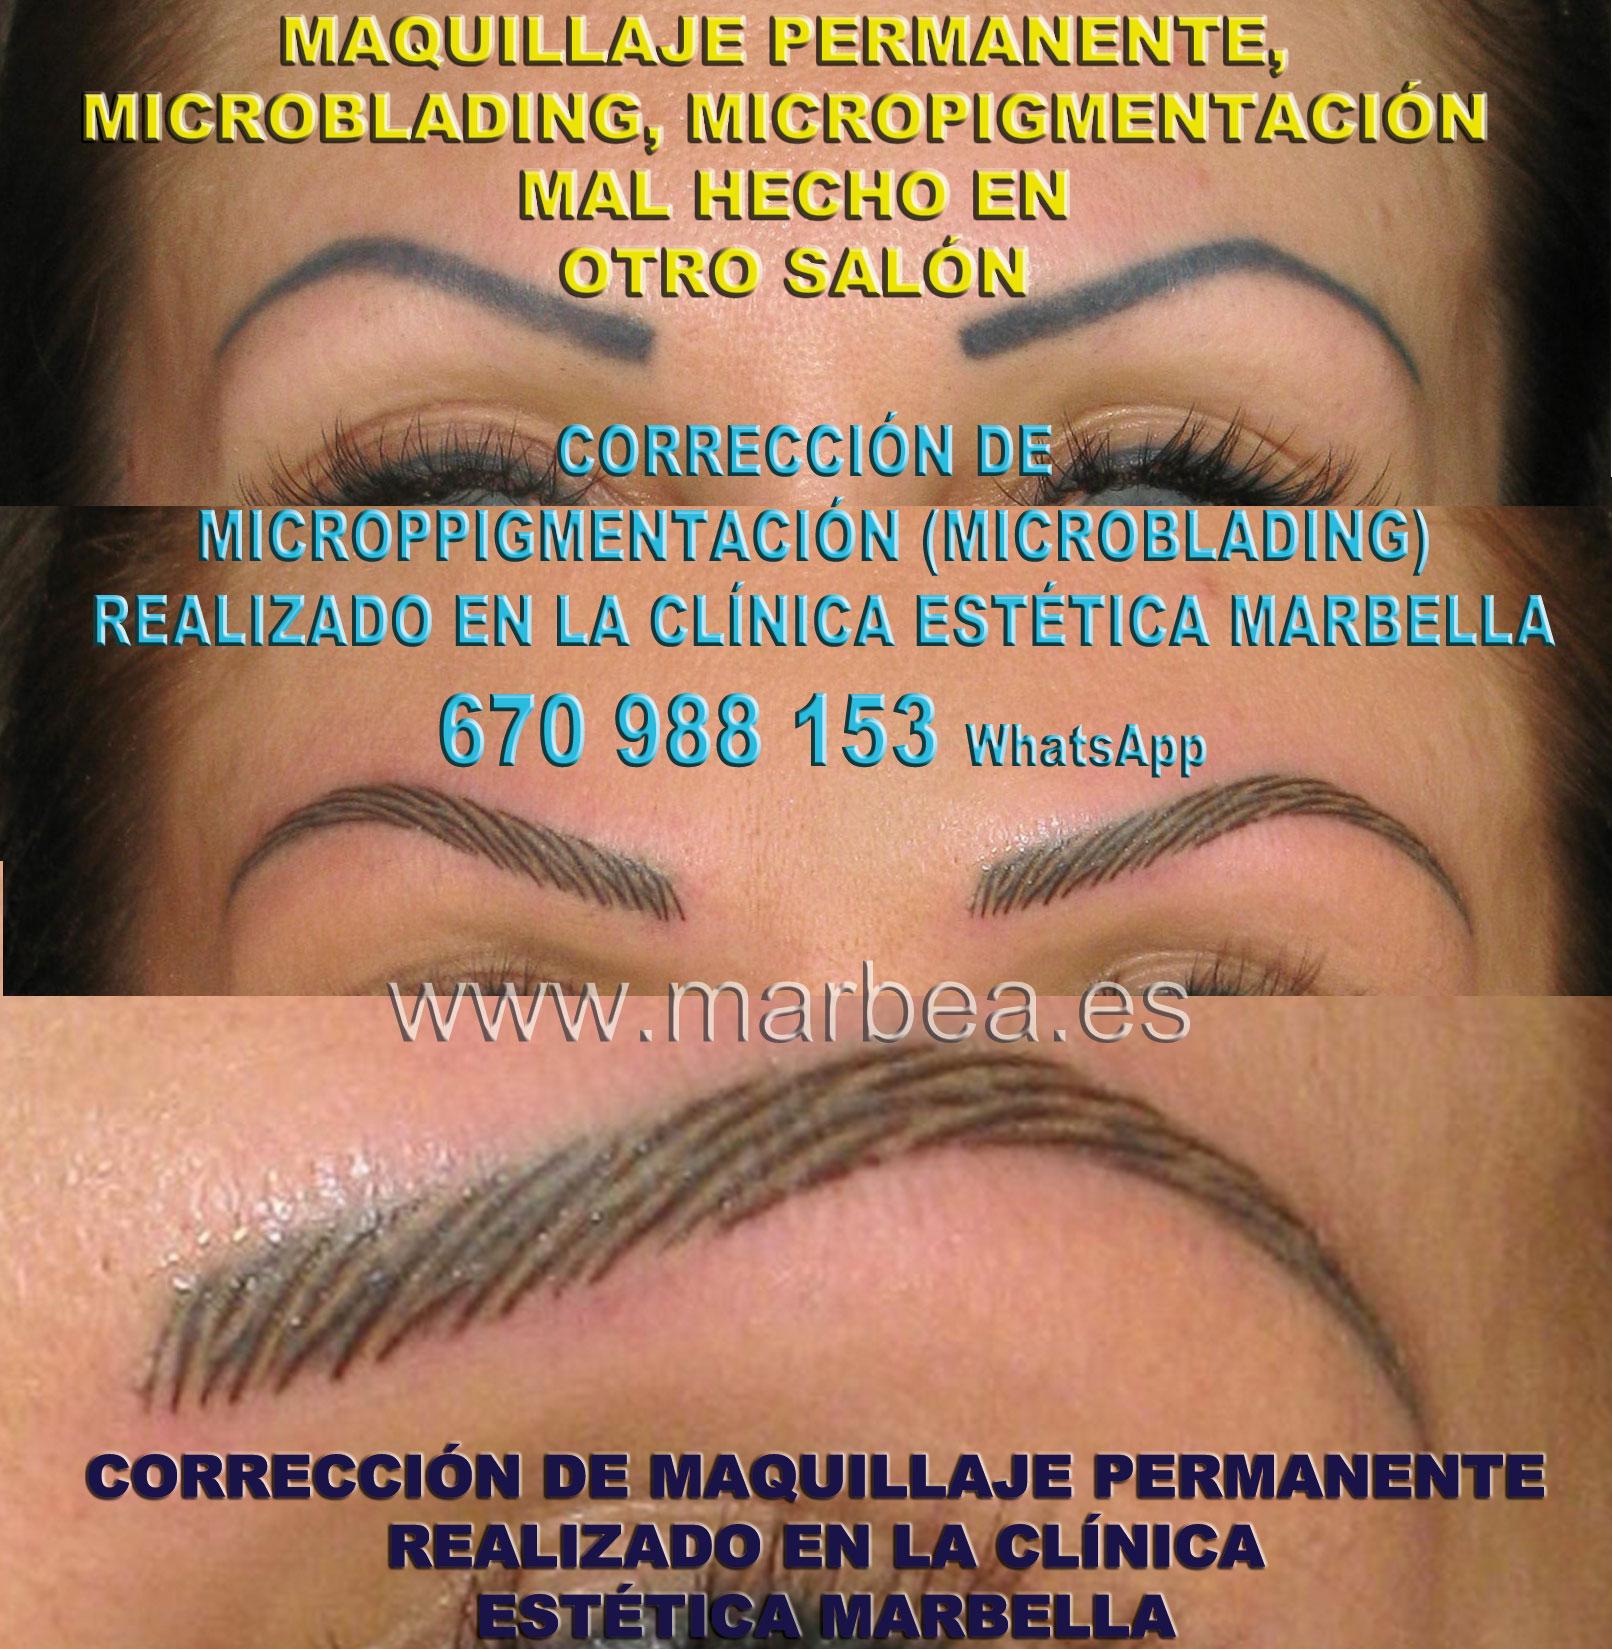 Como aclarar la micropigmentación cejas clínica estética tatuaje propone como aclarar la micropigmentación cejas,corregir micropigmentación mal hecha Marbella y Málaga.